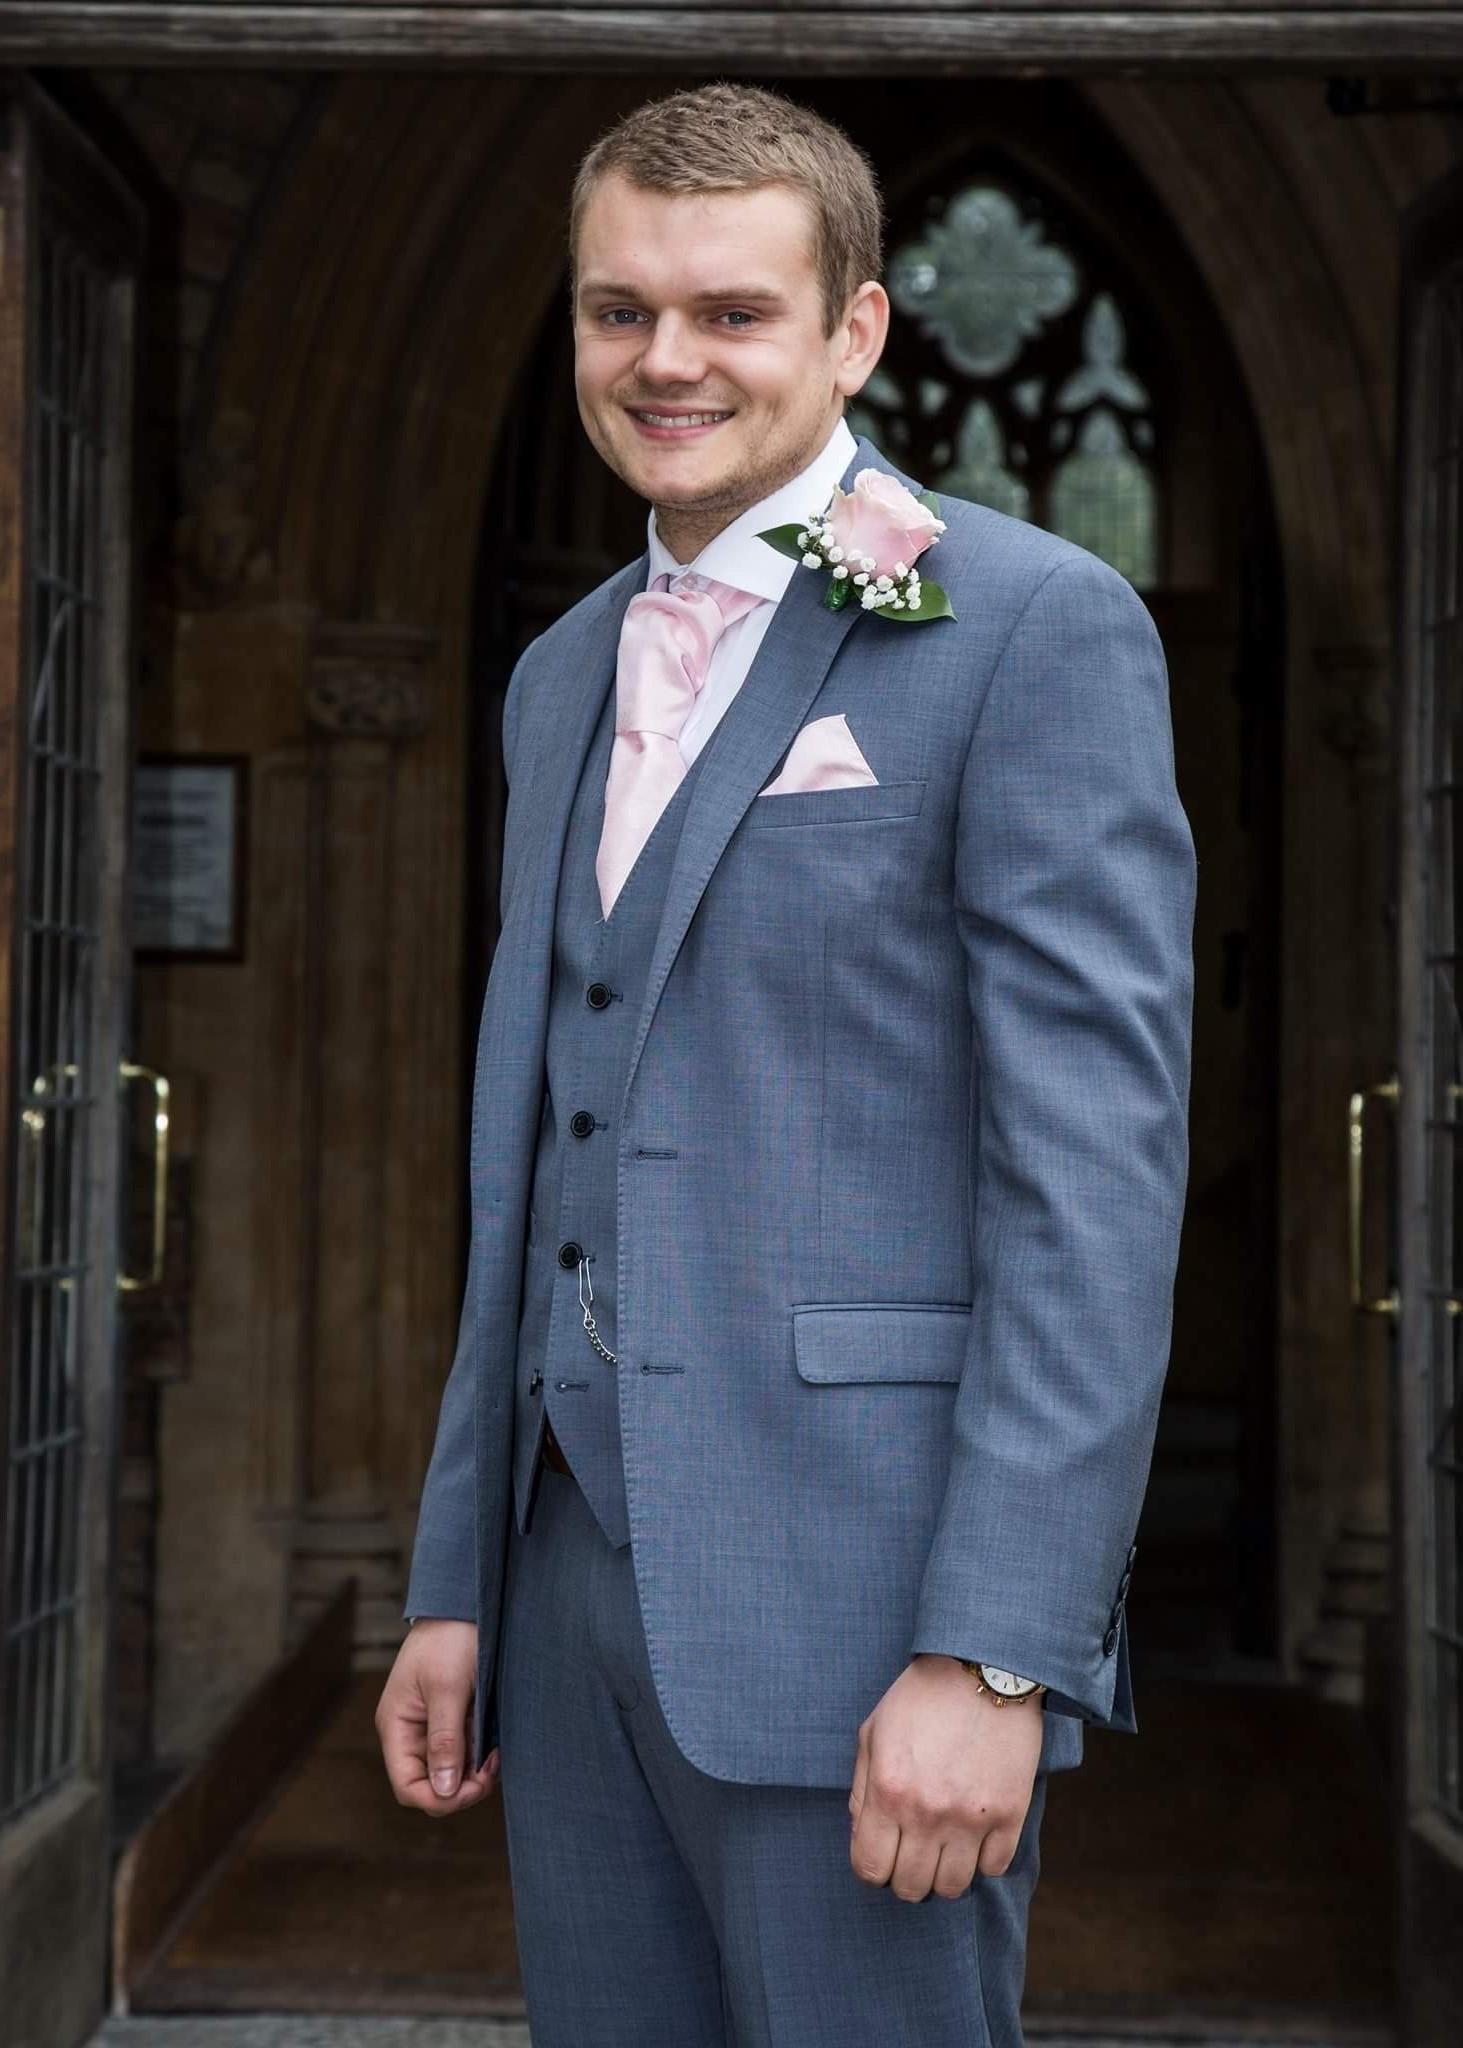 Martyn Sheppard